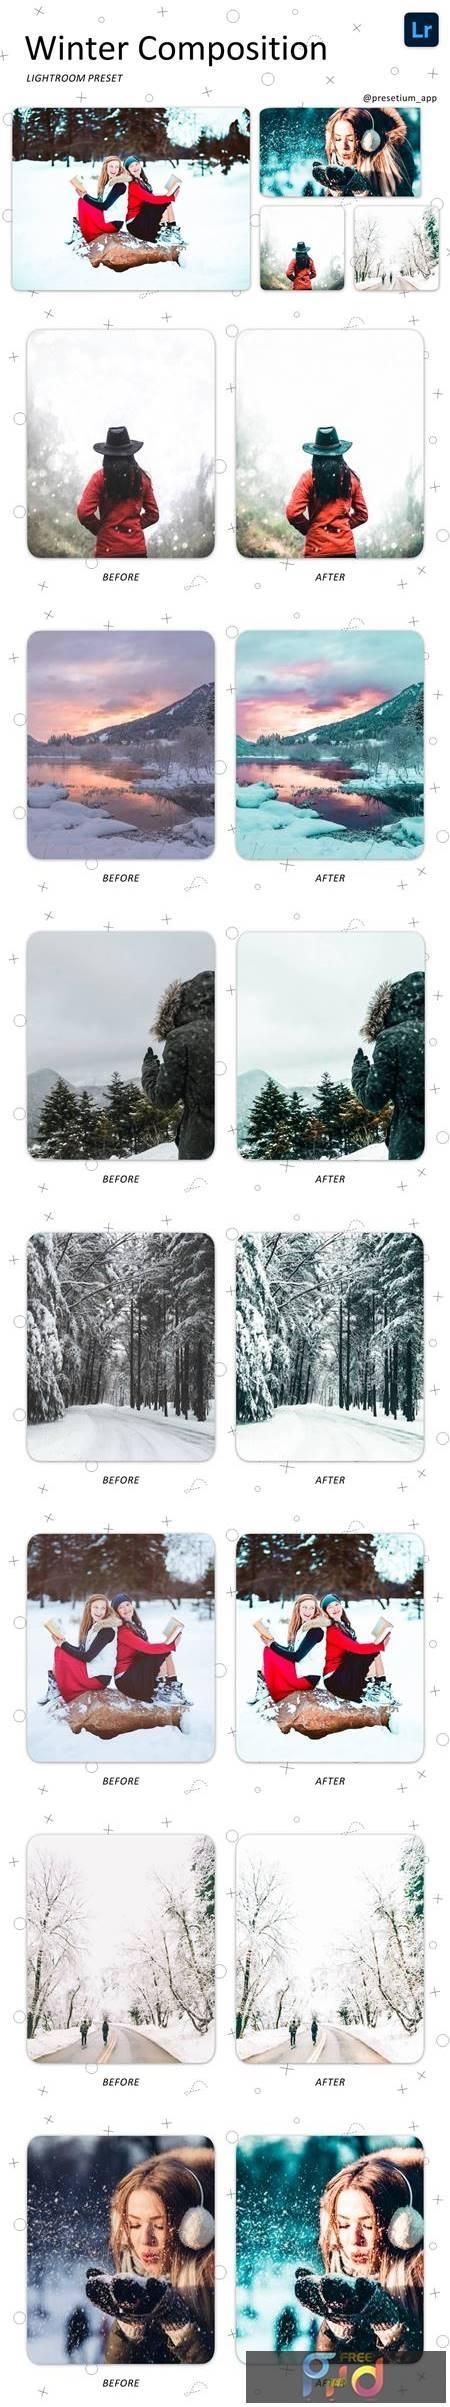 Winter Composition - Lightroom Presets 5223587 1